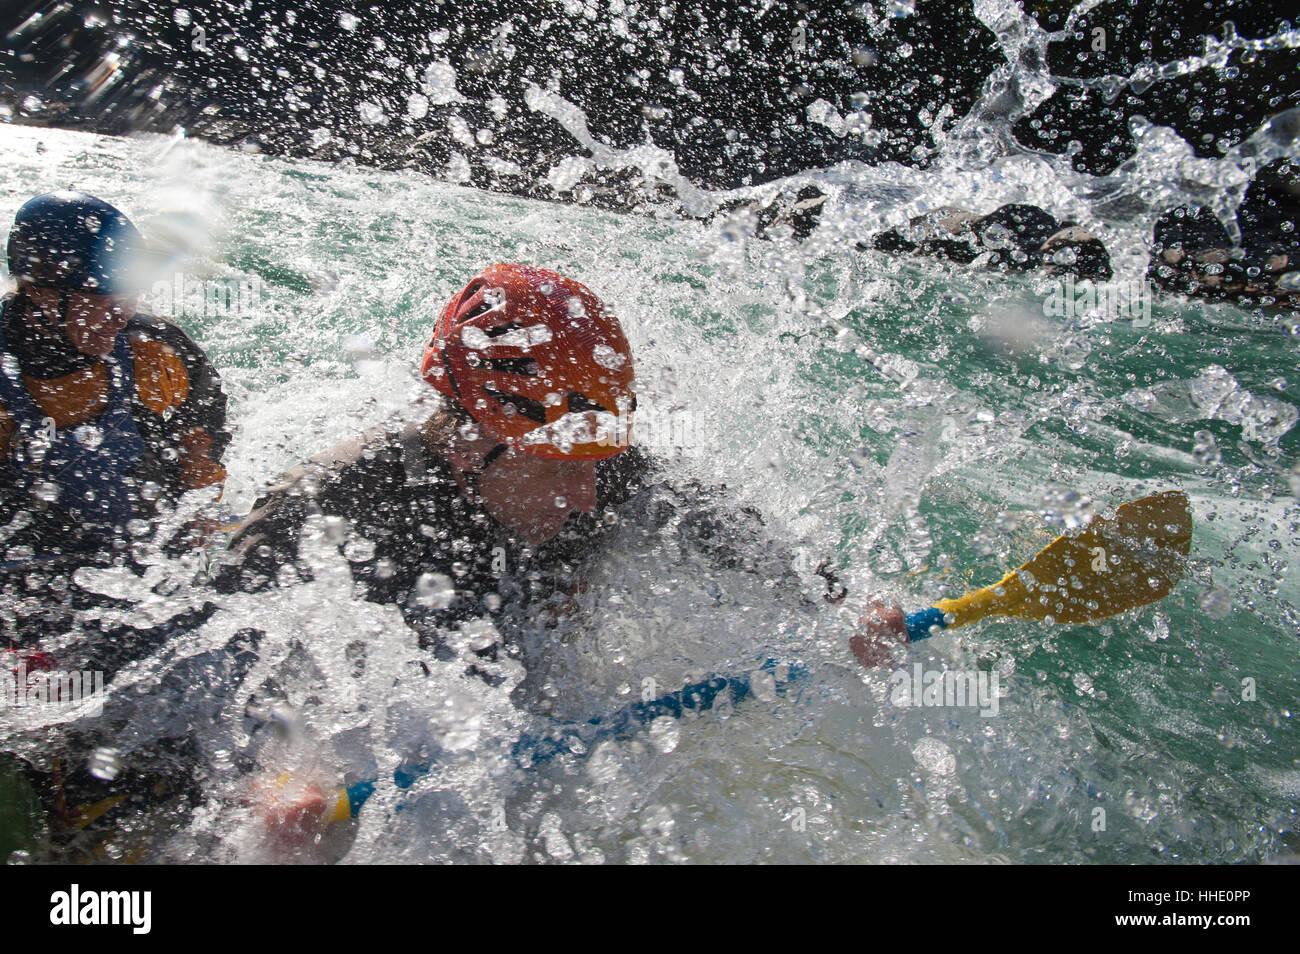 Una expedición de rafting por el río Karnali, Nepal occidental Imagen De Stock